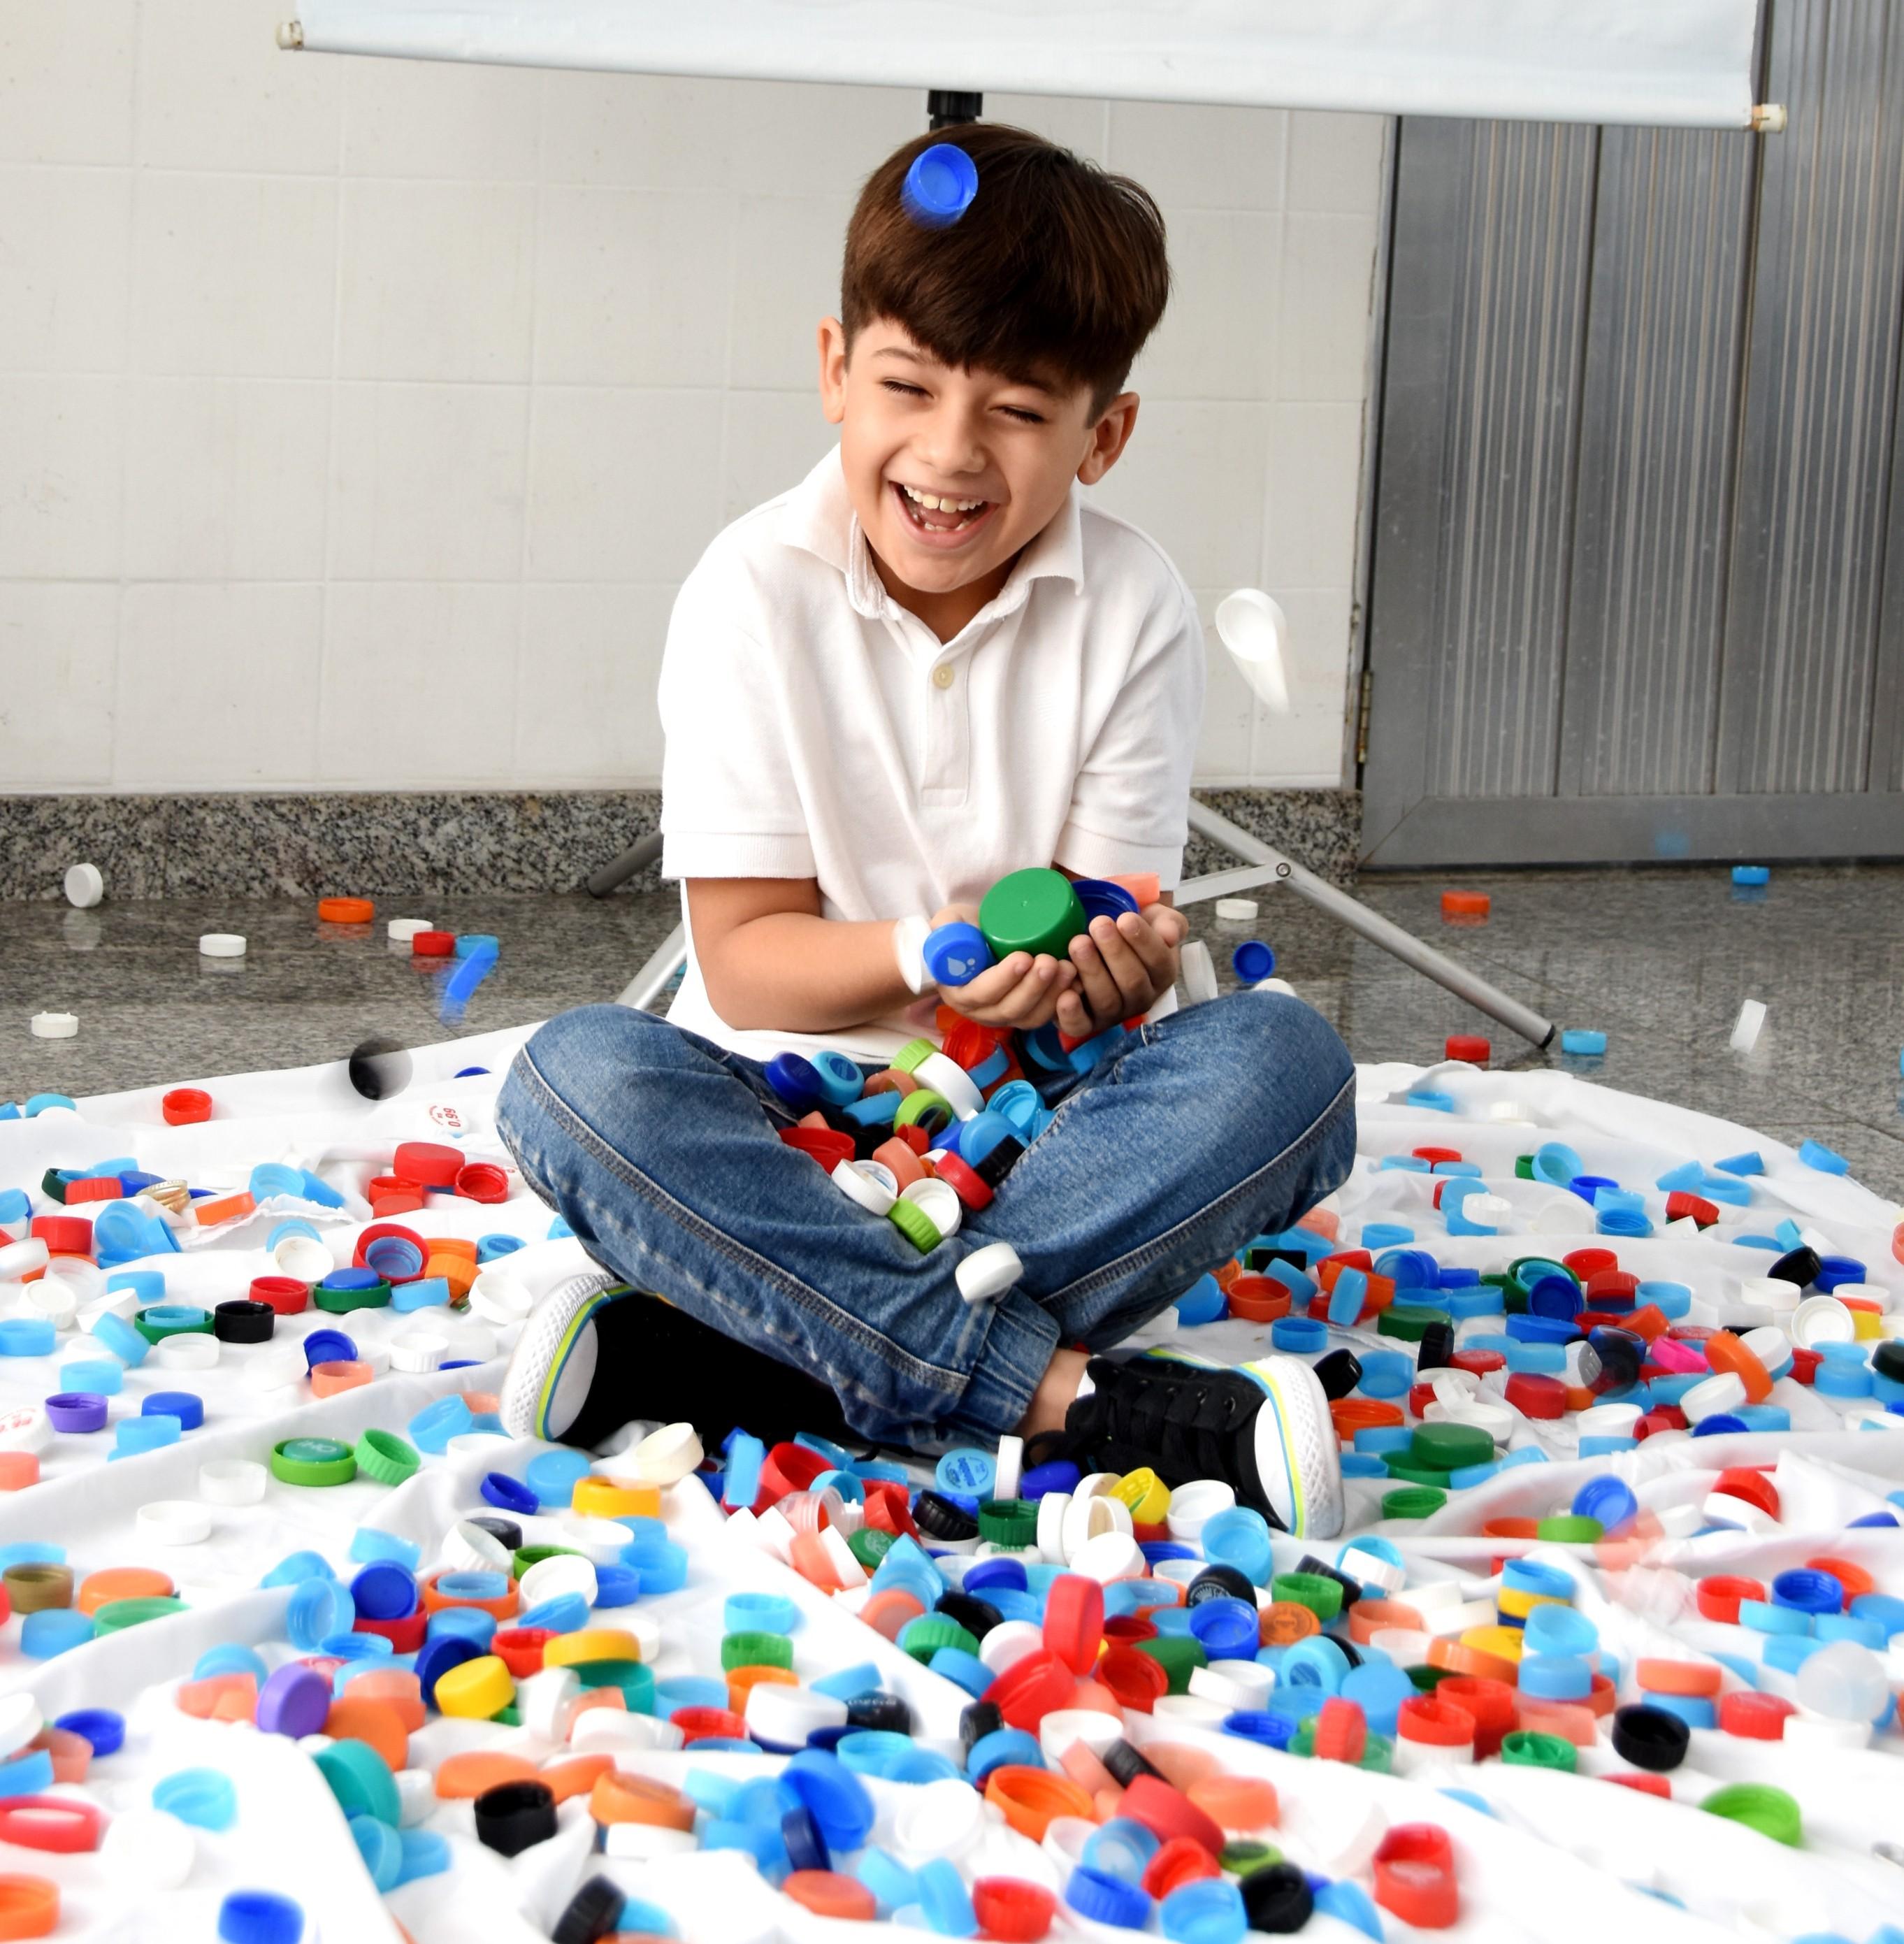 Criança de 8 anos arrecada 44 garrafões de tampinhas para trocar por cadeiras de rodas